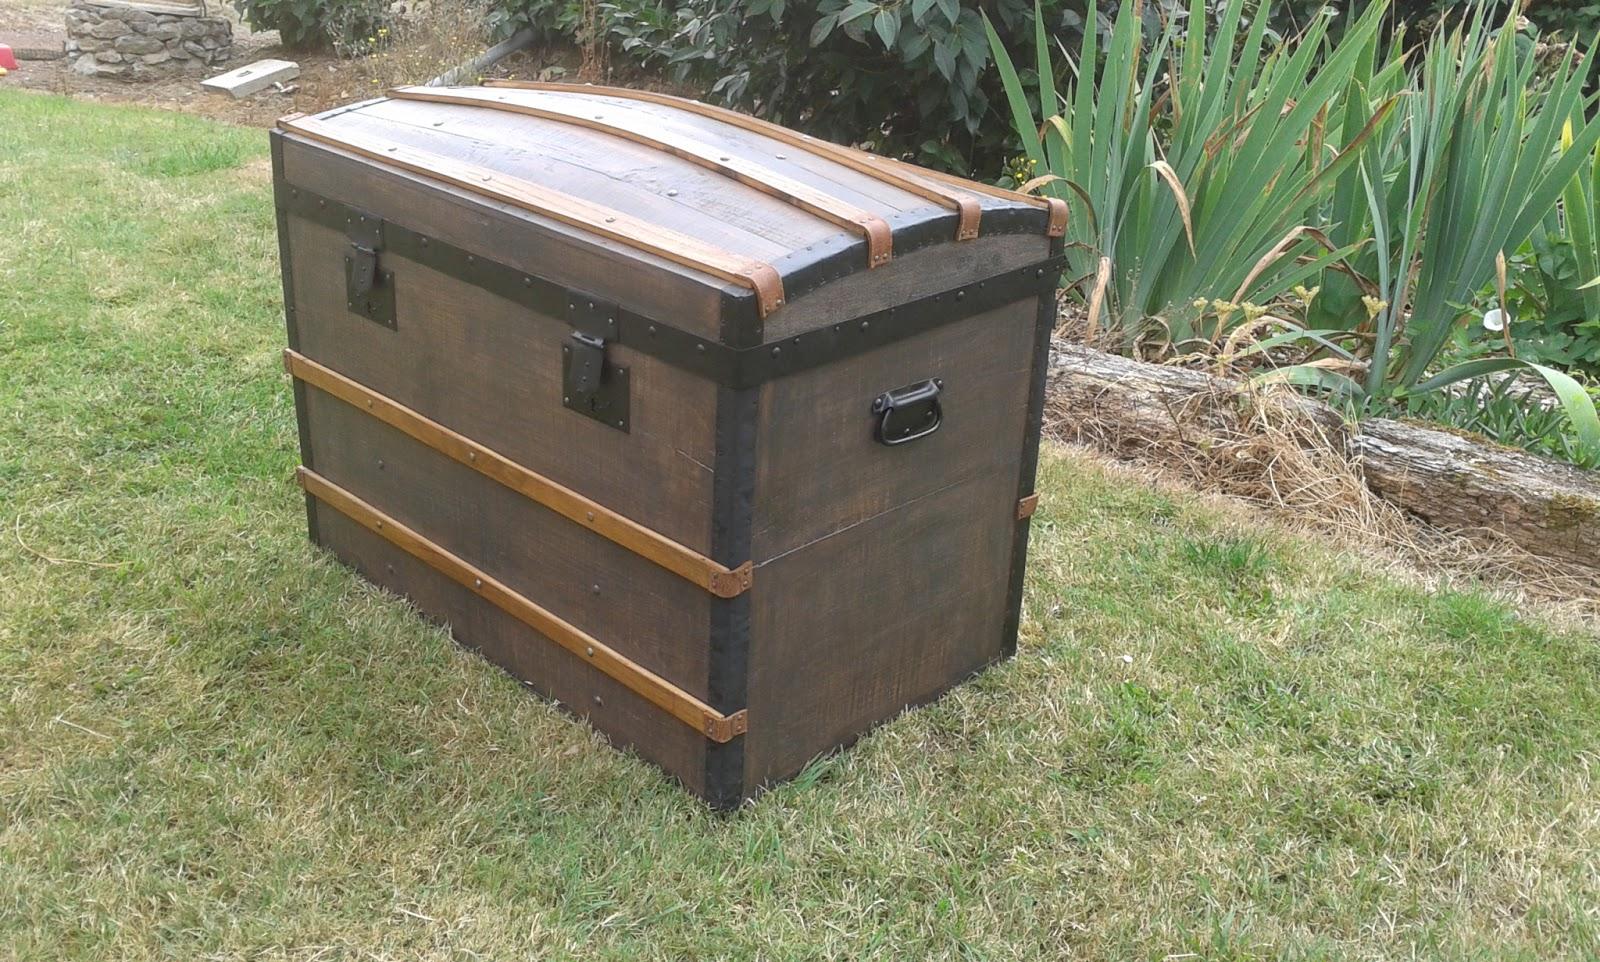 comment restaurer une vieille malle en bois. Black Bedroom Furniture Sets. Home Design Ideas